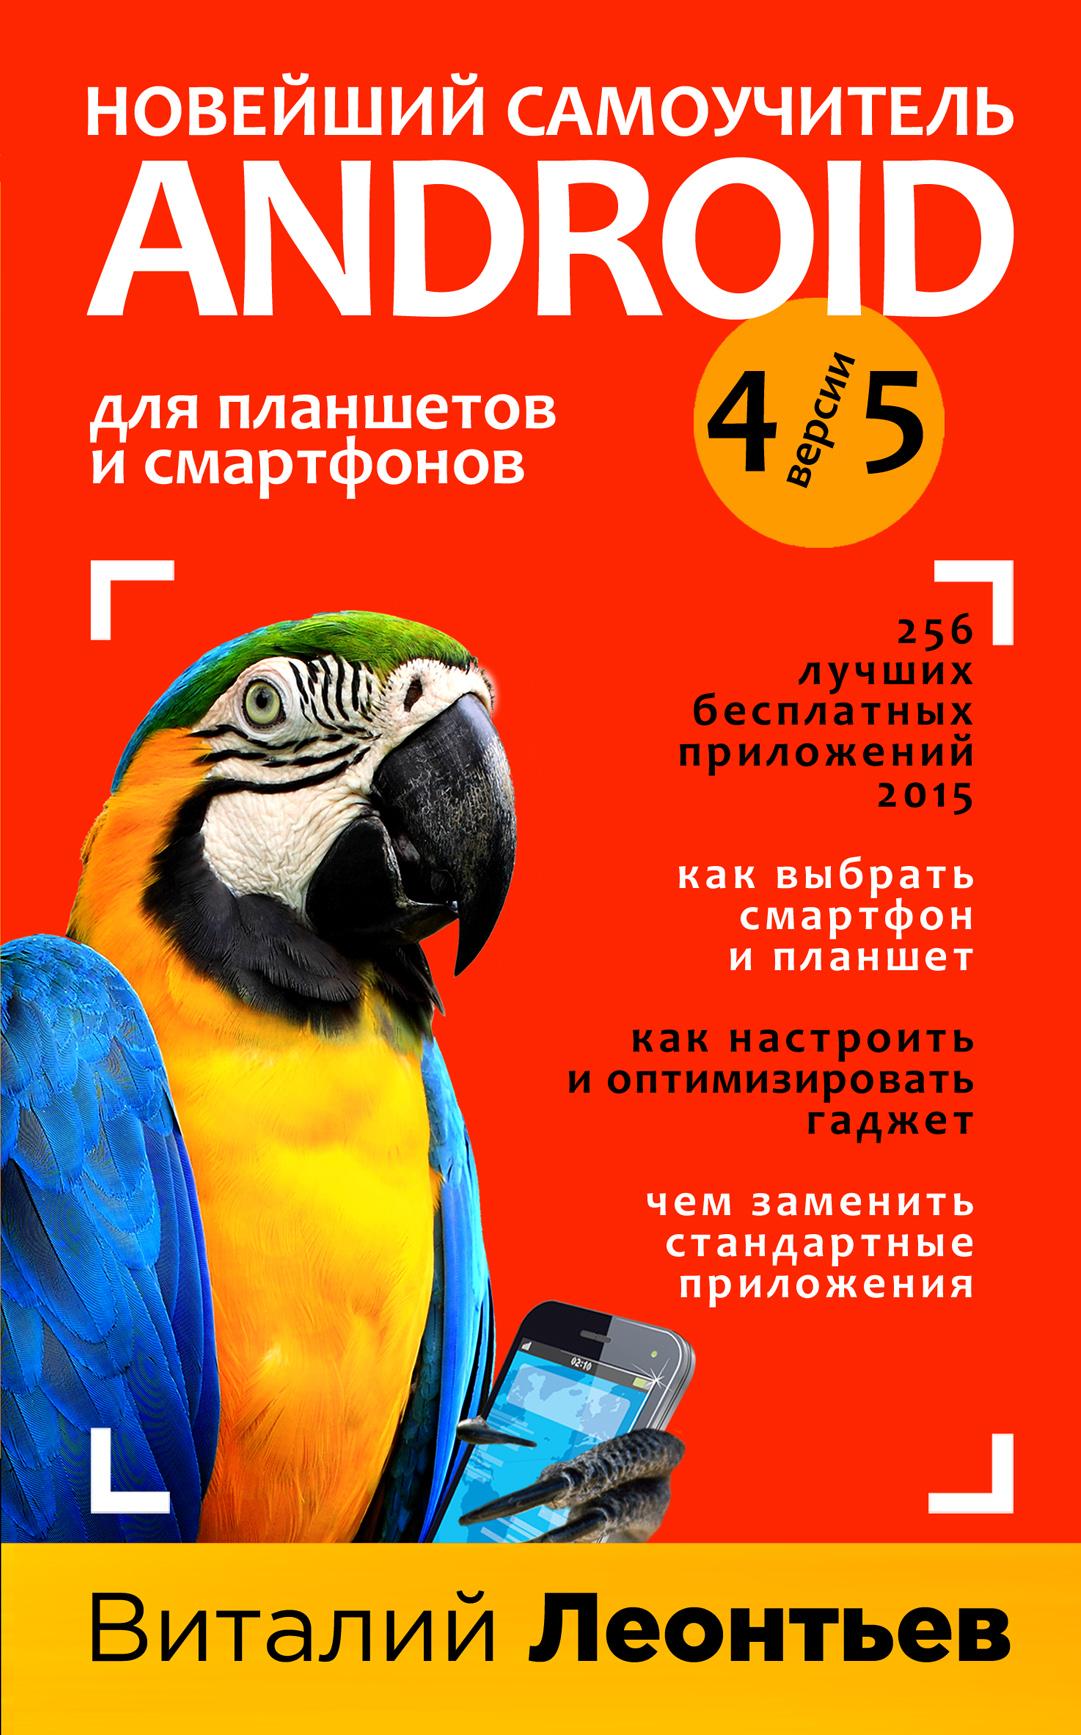 Леонтьев В.П. Новейший самоучитель Android 5 + 256 полезных приложений компьютер ноутбук планшет смартфон для всех самоучитель в вопросах и ответах